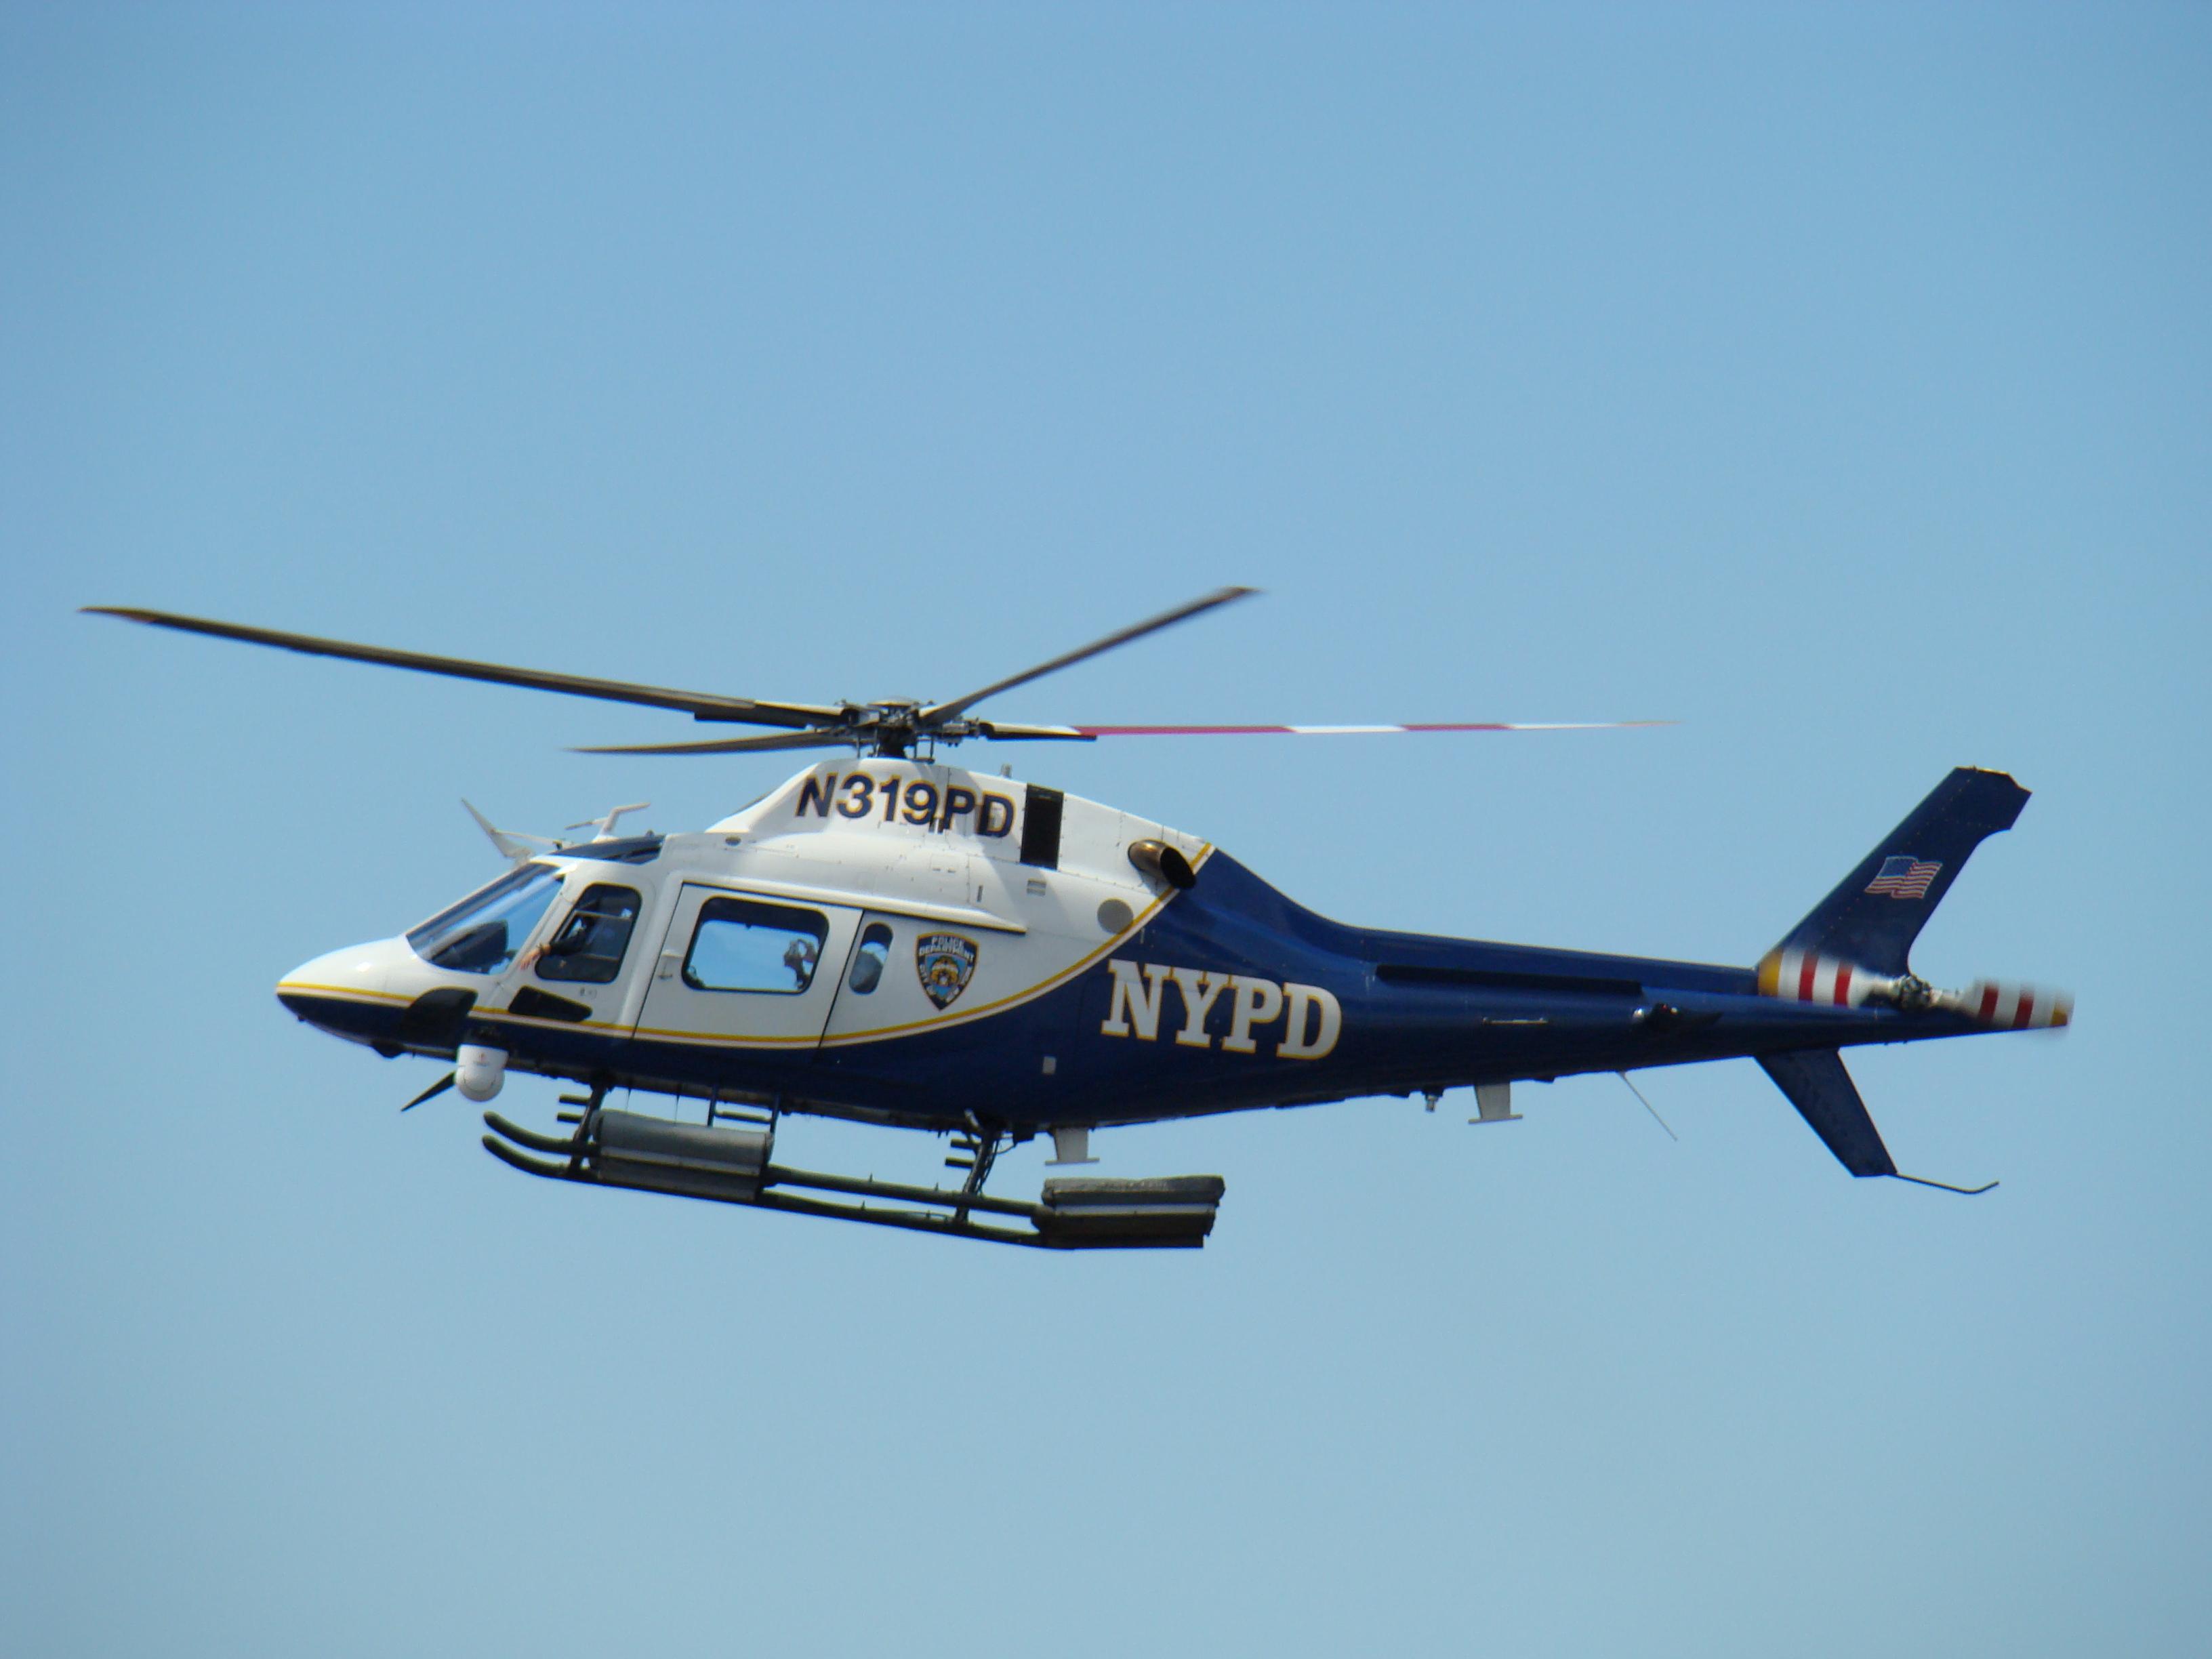 полицейский вертолет, фото, обои на рабочий стол, скачать